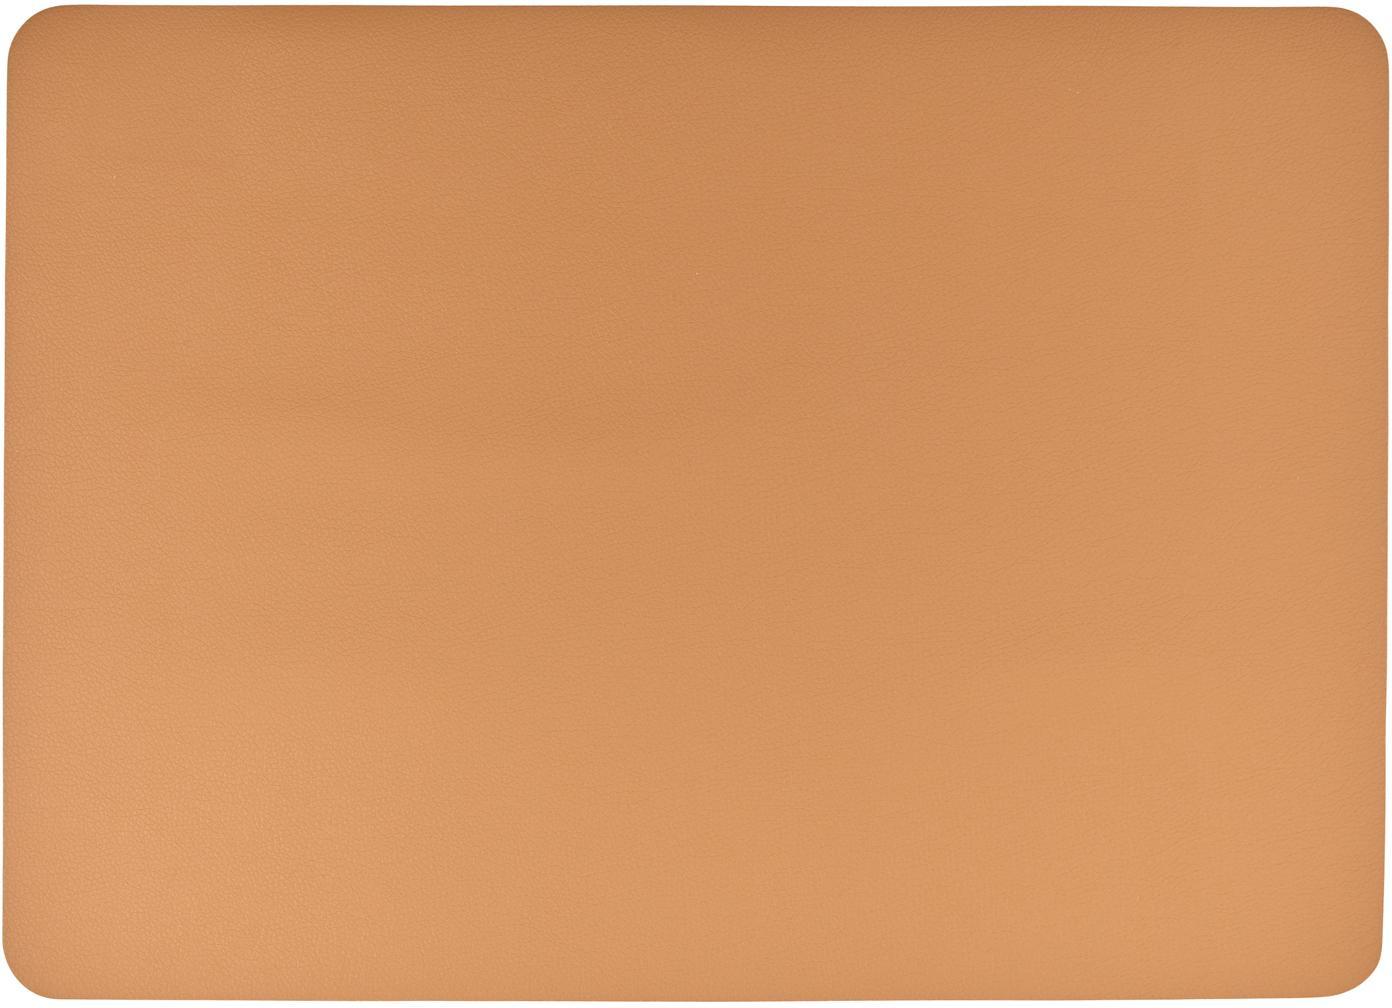 Kunstleder-Tischsets Pik, 2 Stück, Kunstleder (PVC), Karamell, 33 x 46 cm